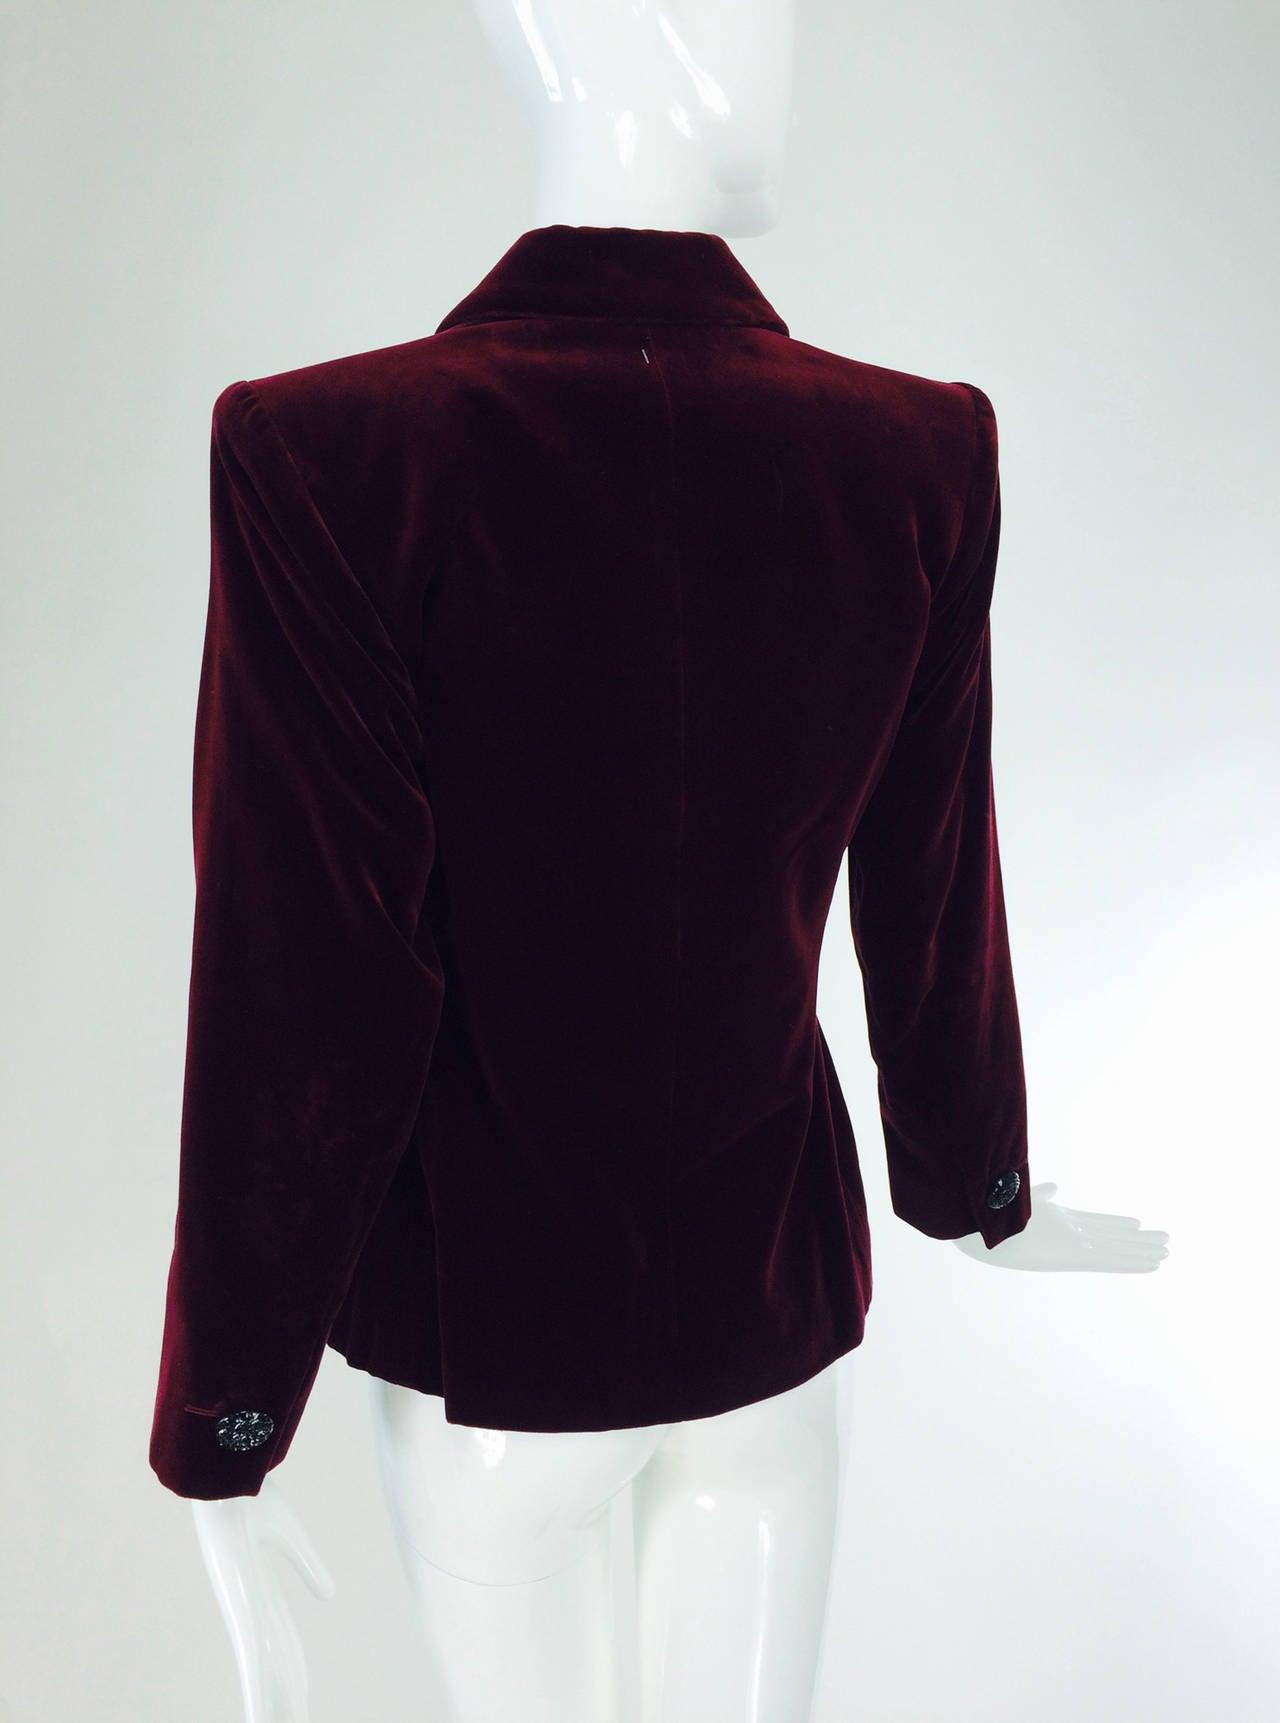 Yves St Laurent Rive Gauche velvet blazer in garnet 1970s YSL 4